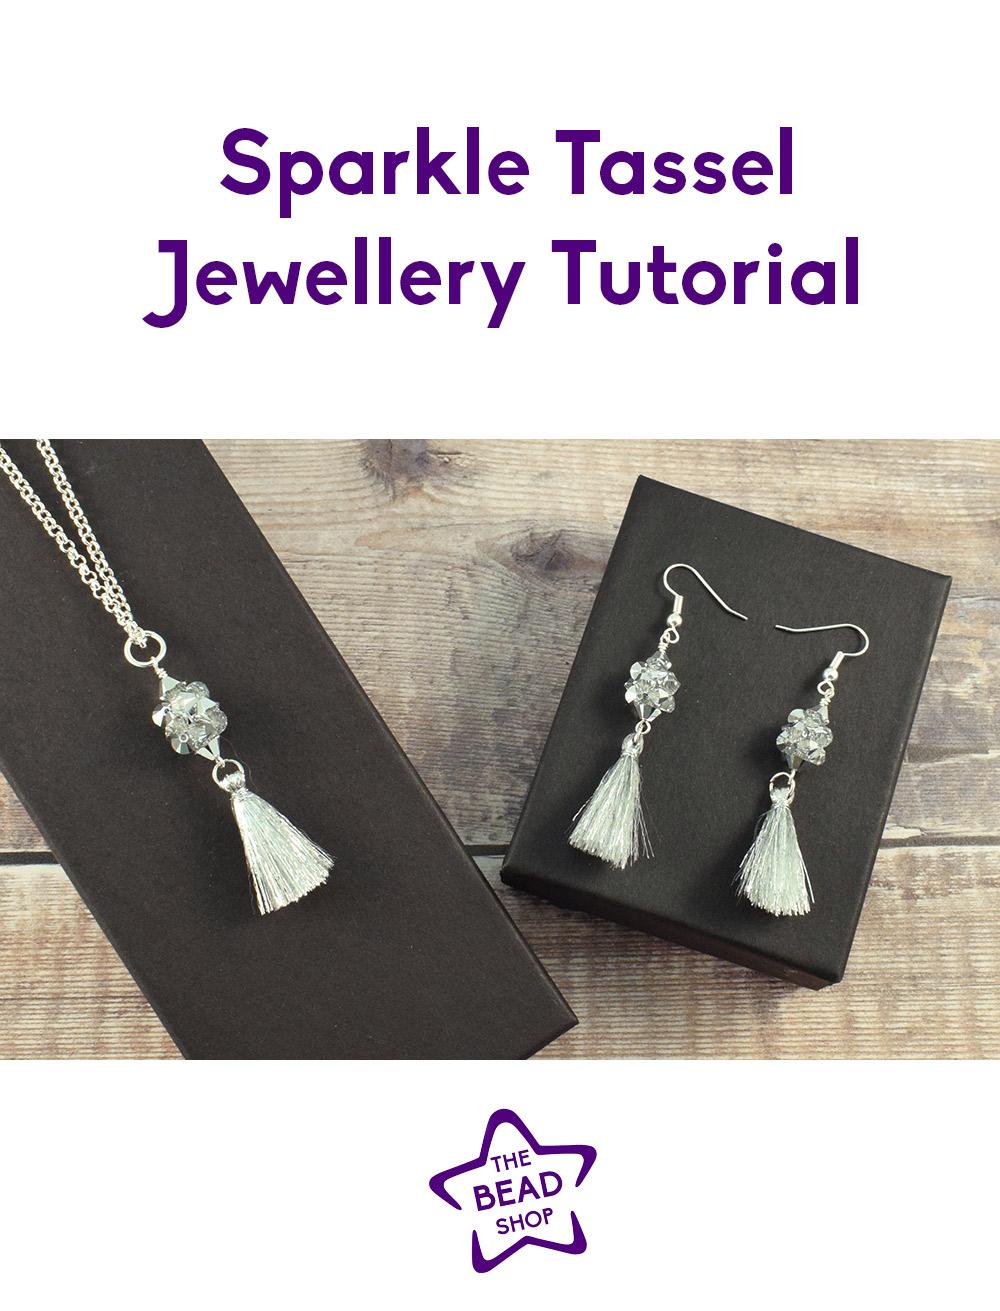 Sparkle Tassel Jewellery